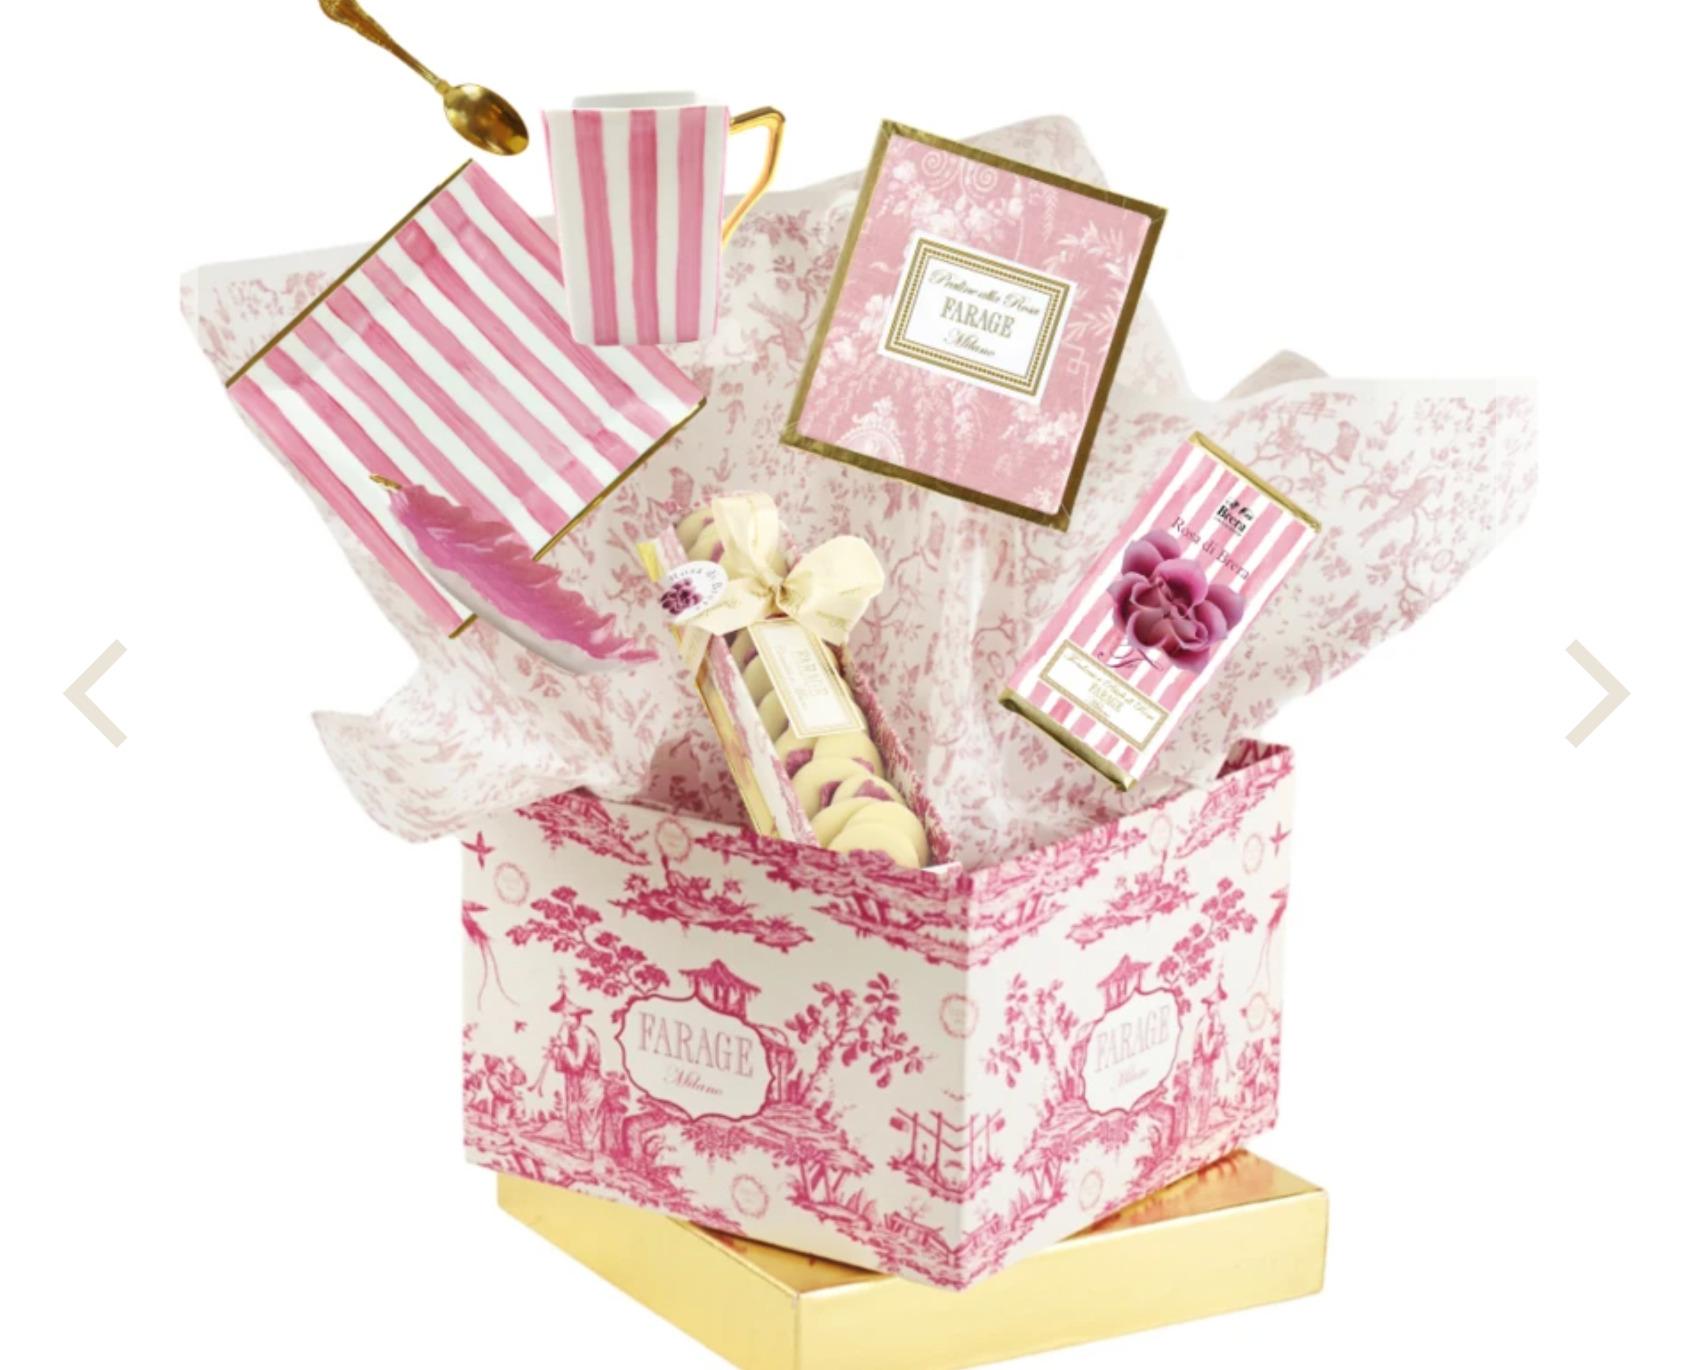 confezione regalo - ROSA DI BRERA GIFT BOX - Farage cioccolato (Lombardia)